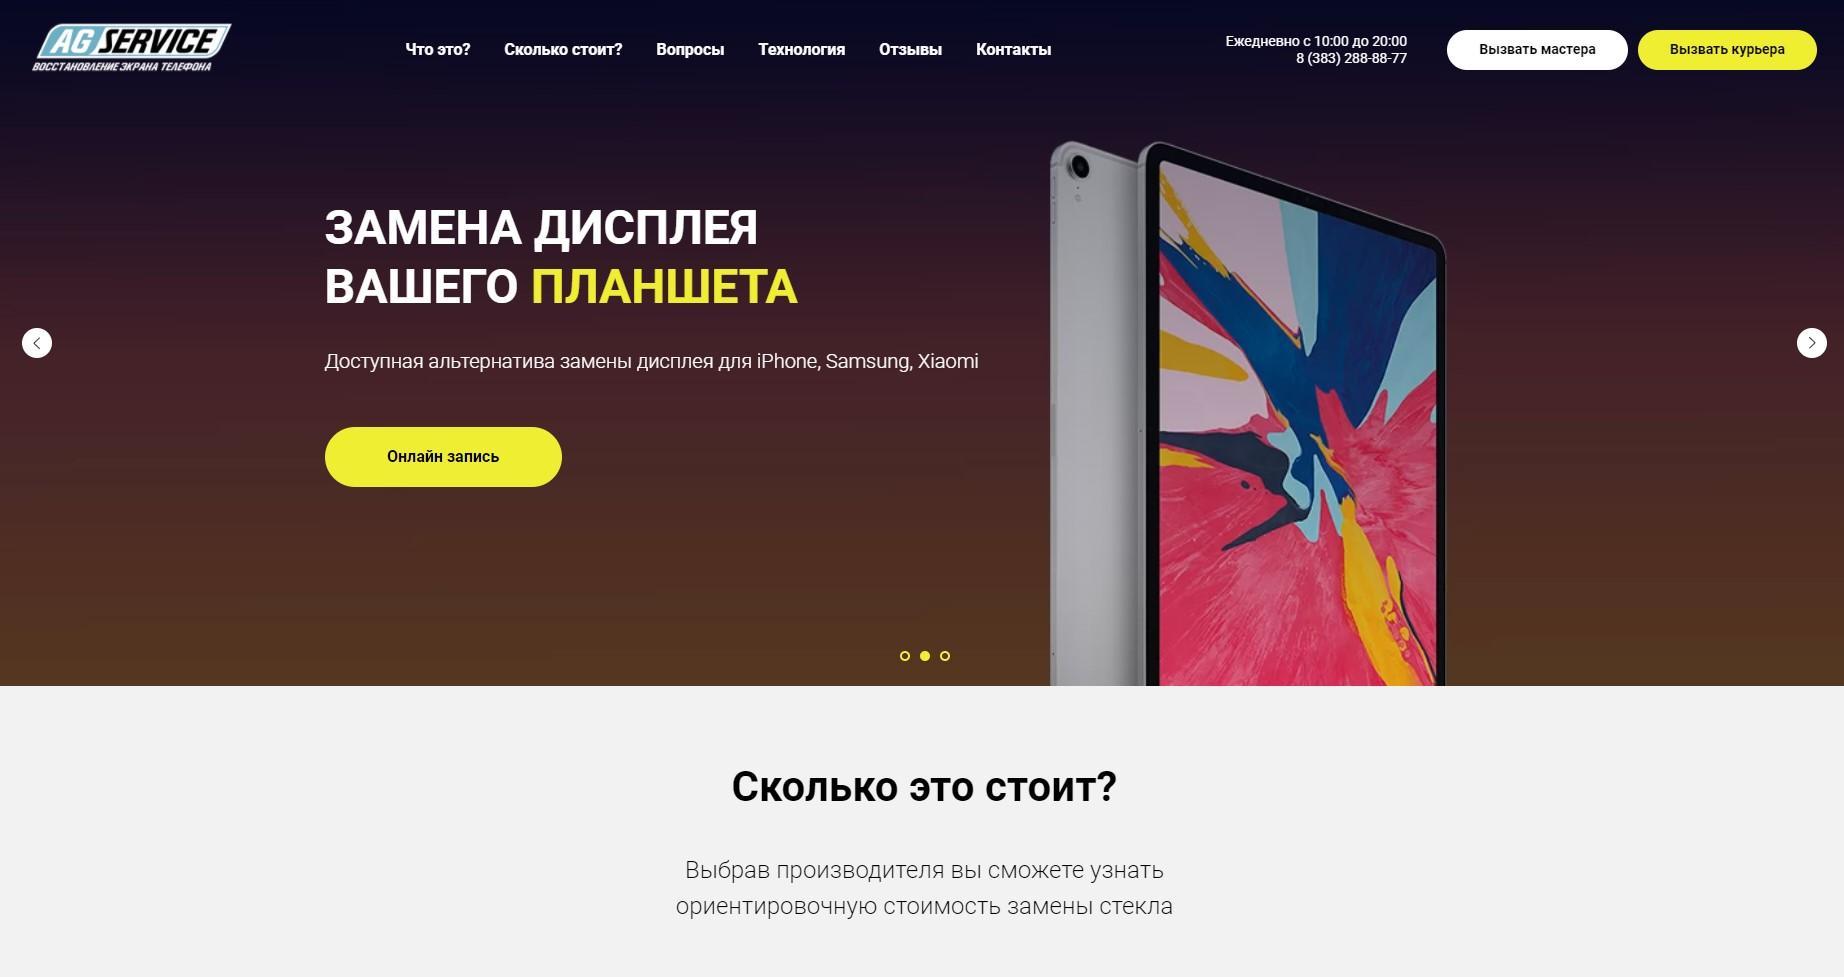 СТЕКЛА.НЕТ – сайт для AG SERVICE на Tilda. Ремонт и замена стекол на гаджетах